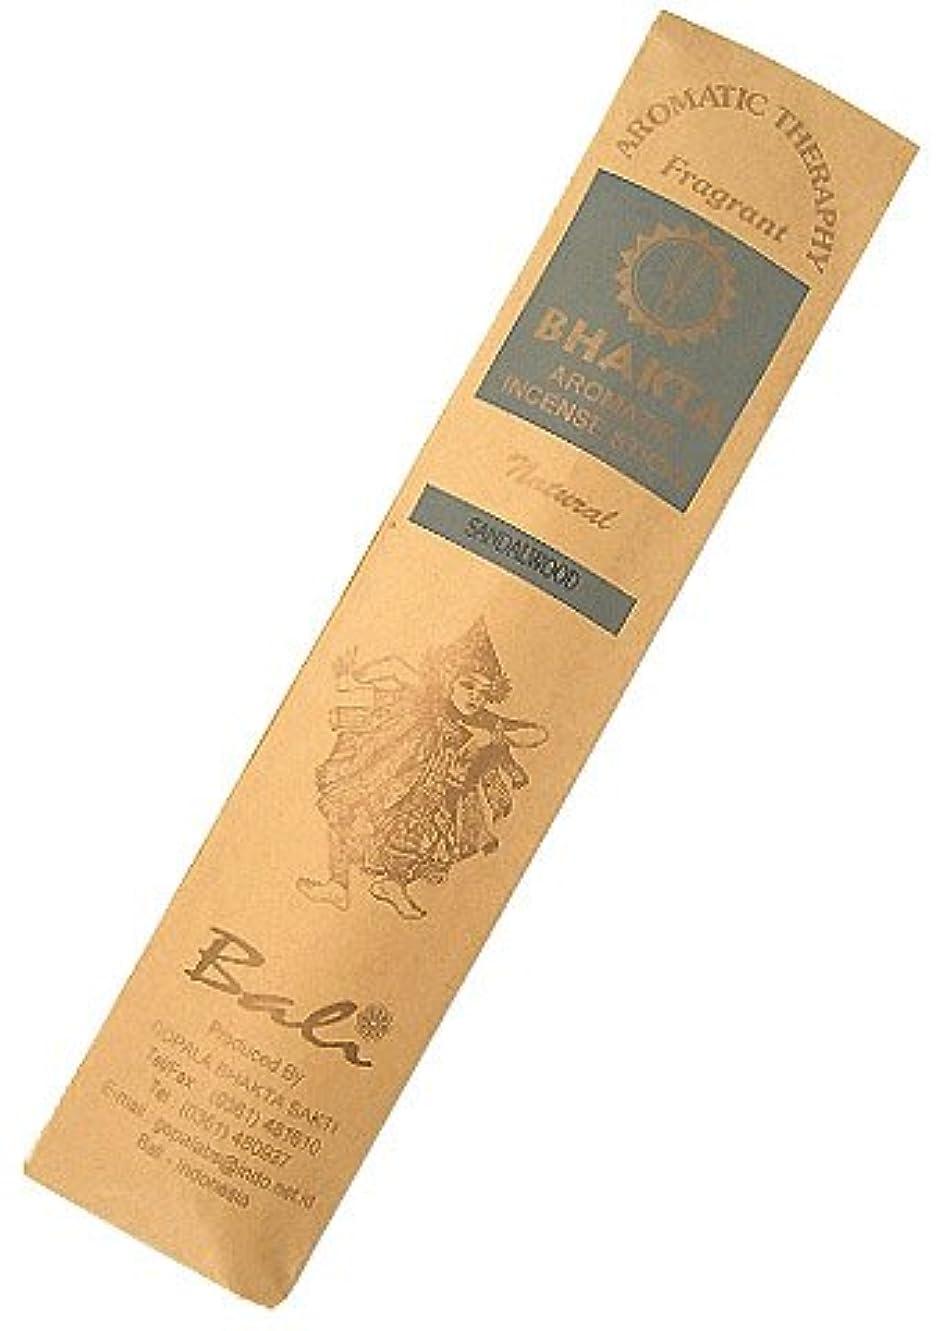 エロチック価格ドライお香 BHAKTA ナチュラル スティック 香(サンダルウッド)ロングタイプ インセンス[アロマセラピー 癒し リラックス 雰囲気作り]インドネシア?バリ島のお香